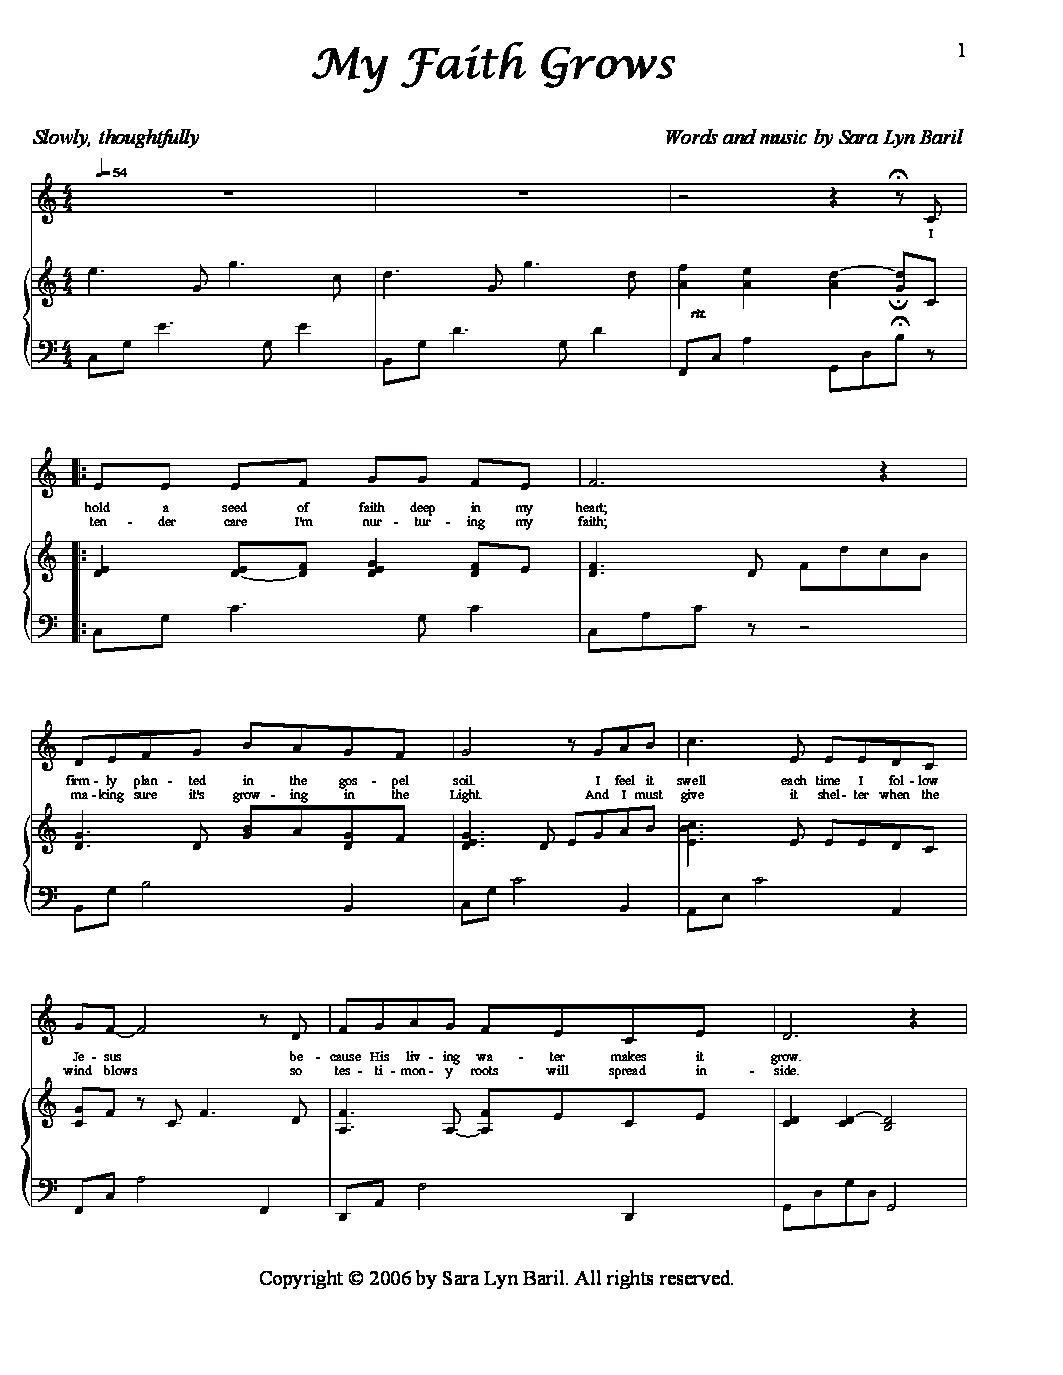 song of healing sheet music pdf